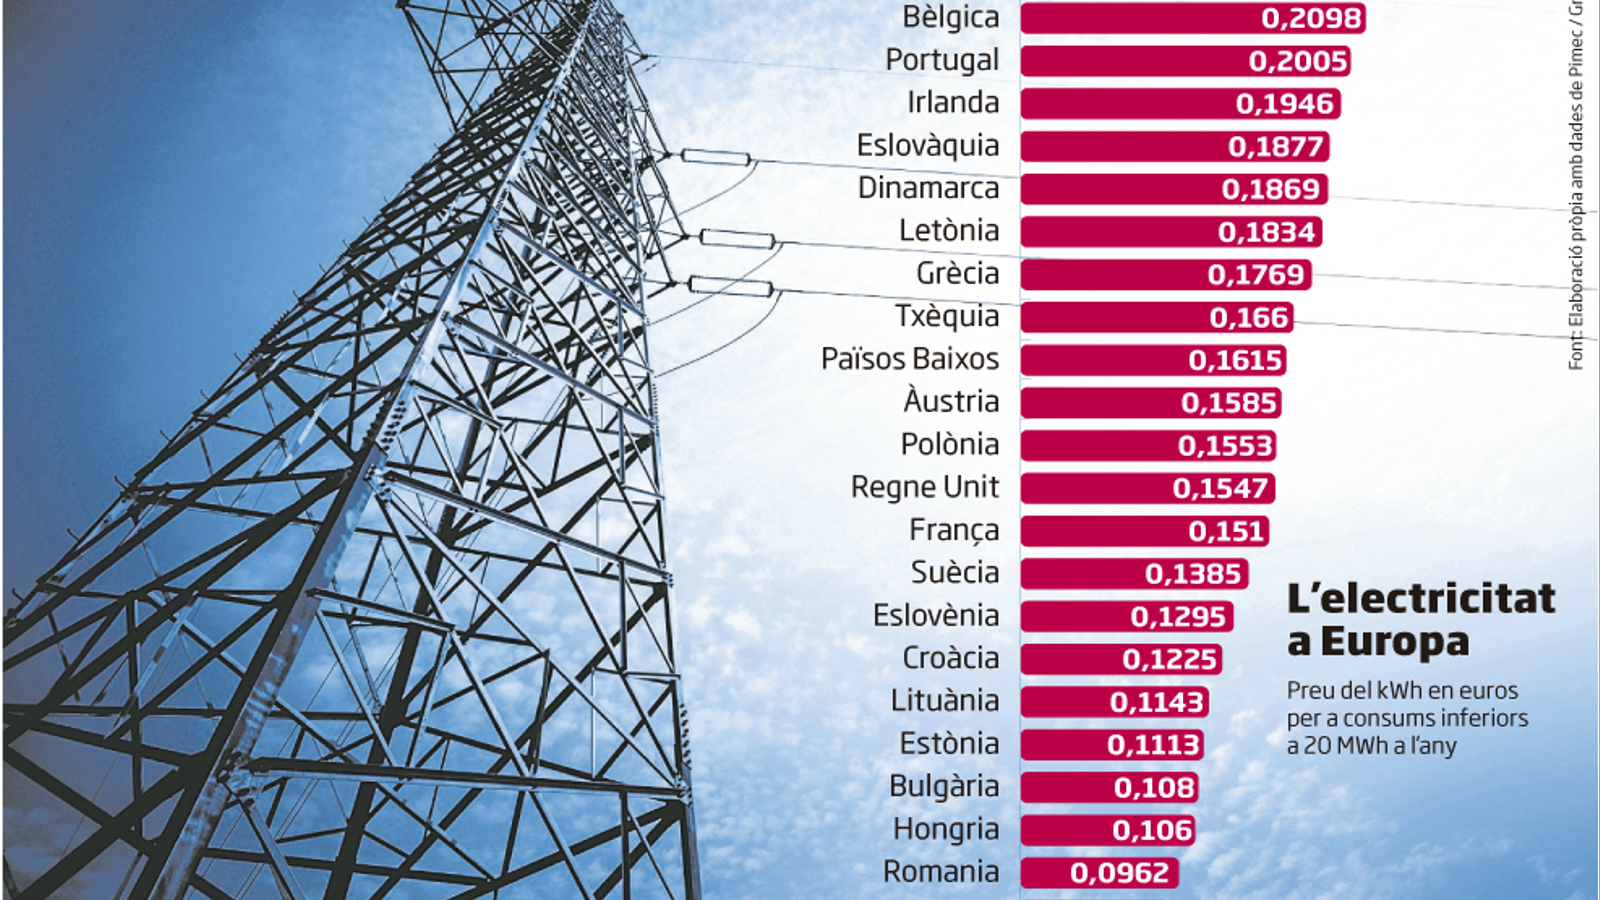 Les pimes espanyoles paguen el rebut de la llum més car d'Europa